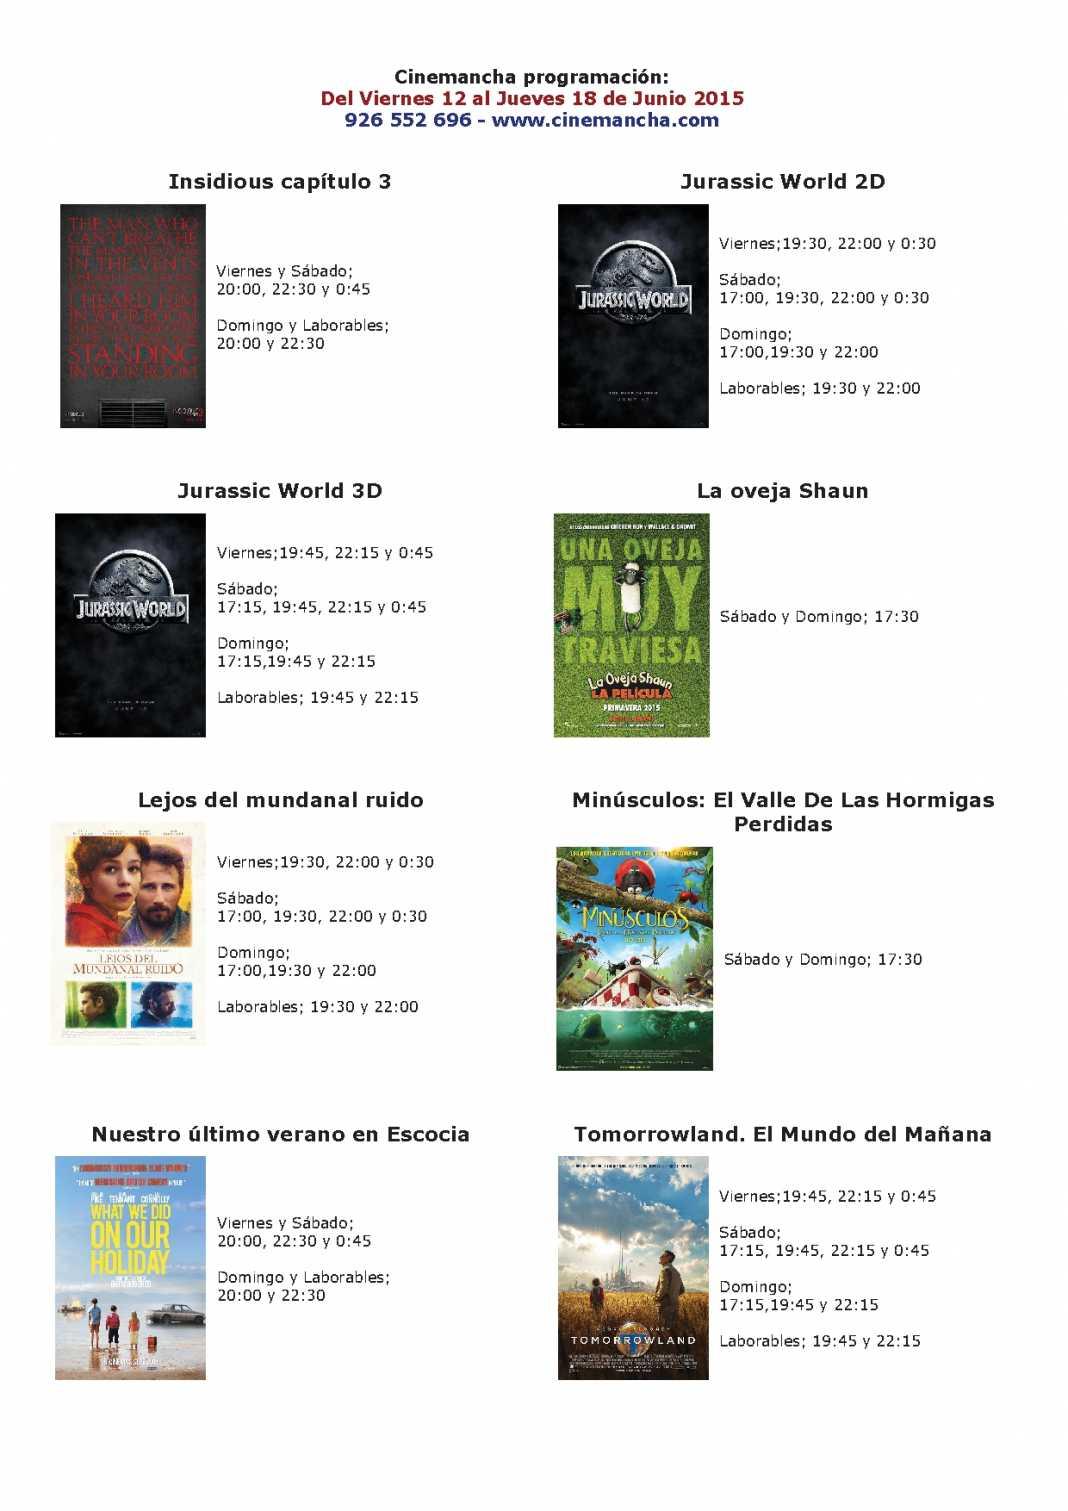 cartelera de cinemancha del 11 al 18 de junio 1068x1511 - Cartelera de Cinemancha del 12 al 18 de junio